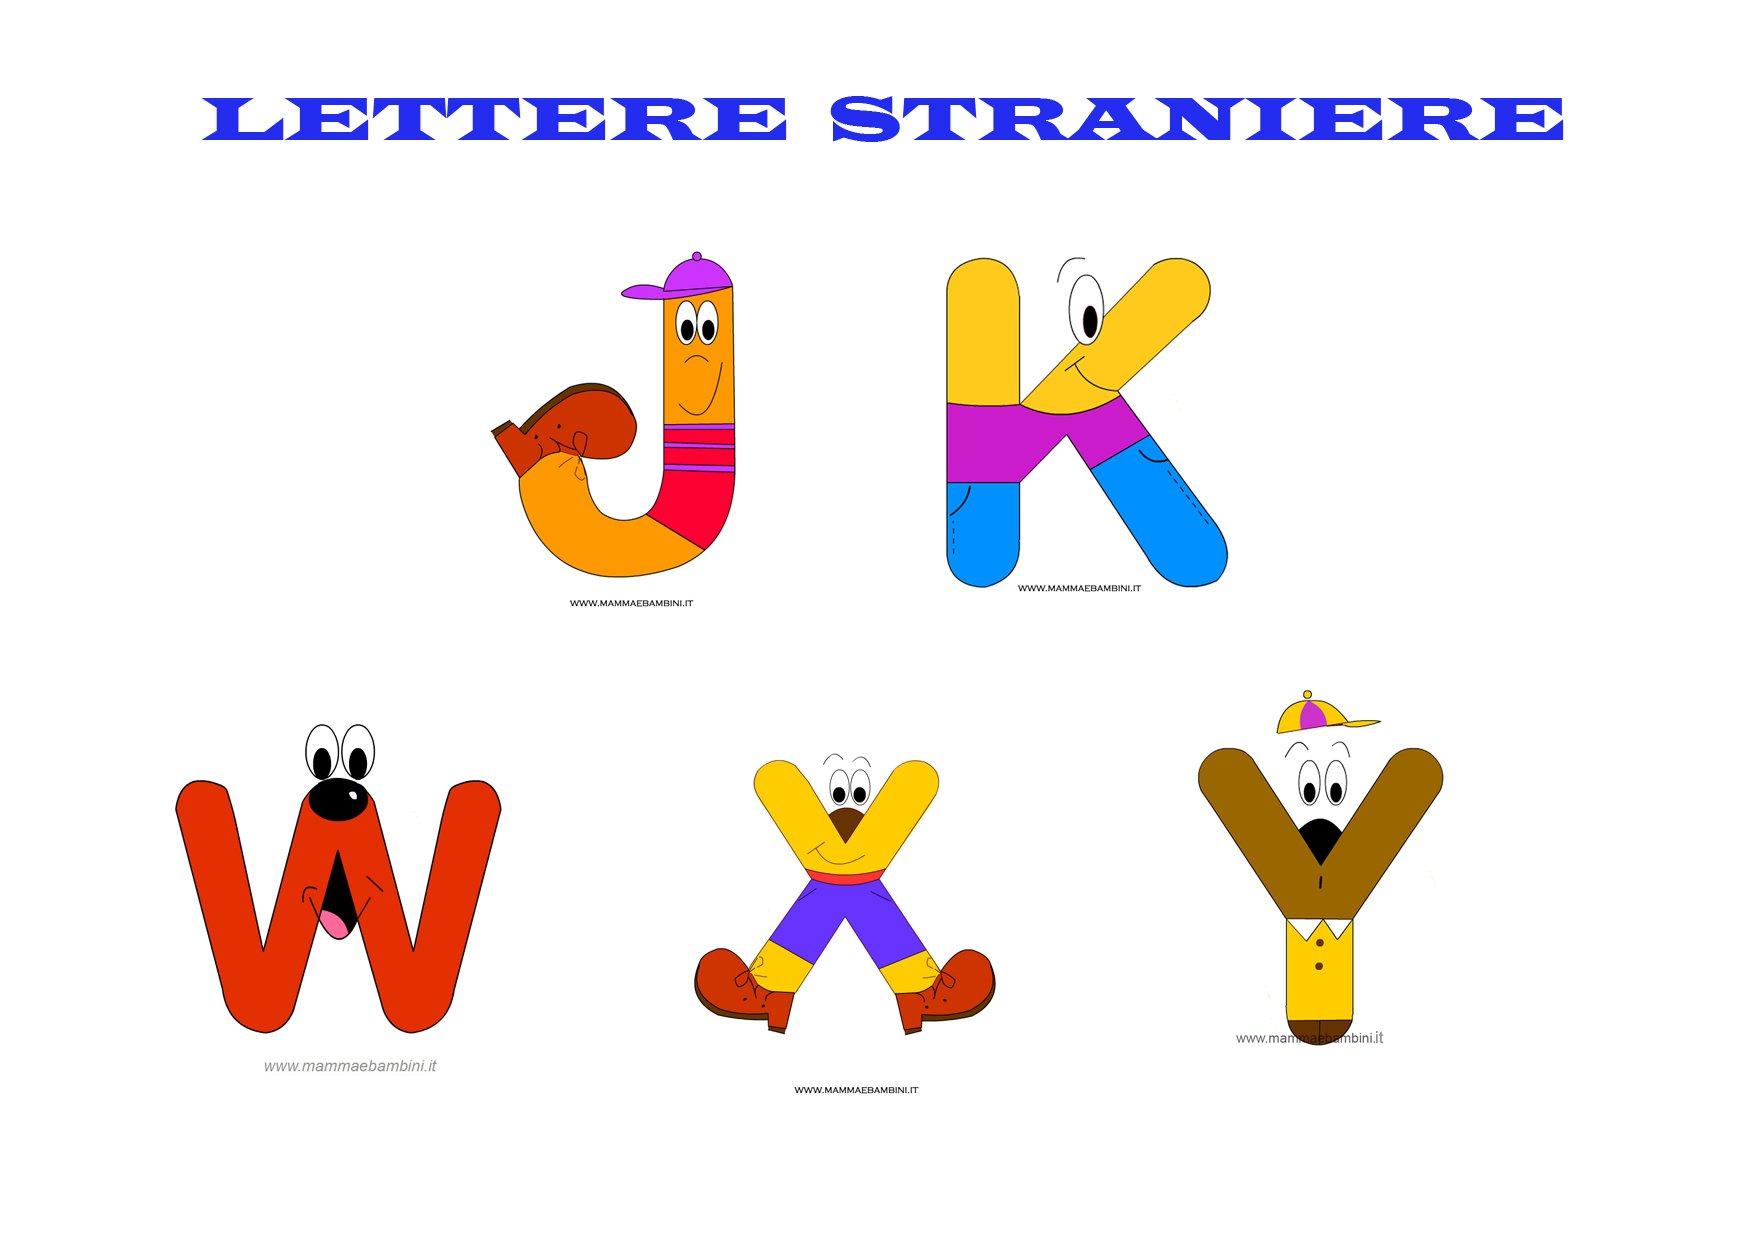 Lettere Alfabeto Da Copiare le 5 lettere straniere da stampare e colorare - mamma e bambini